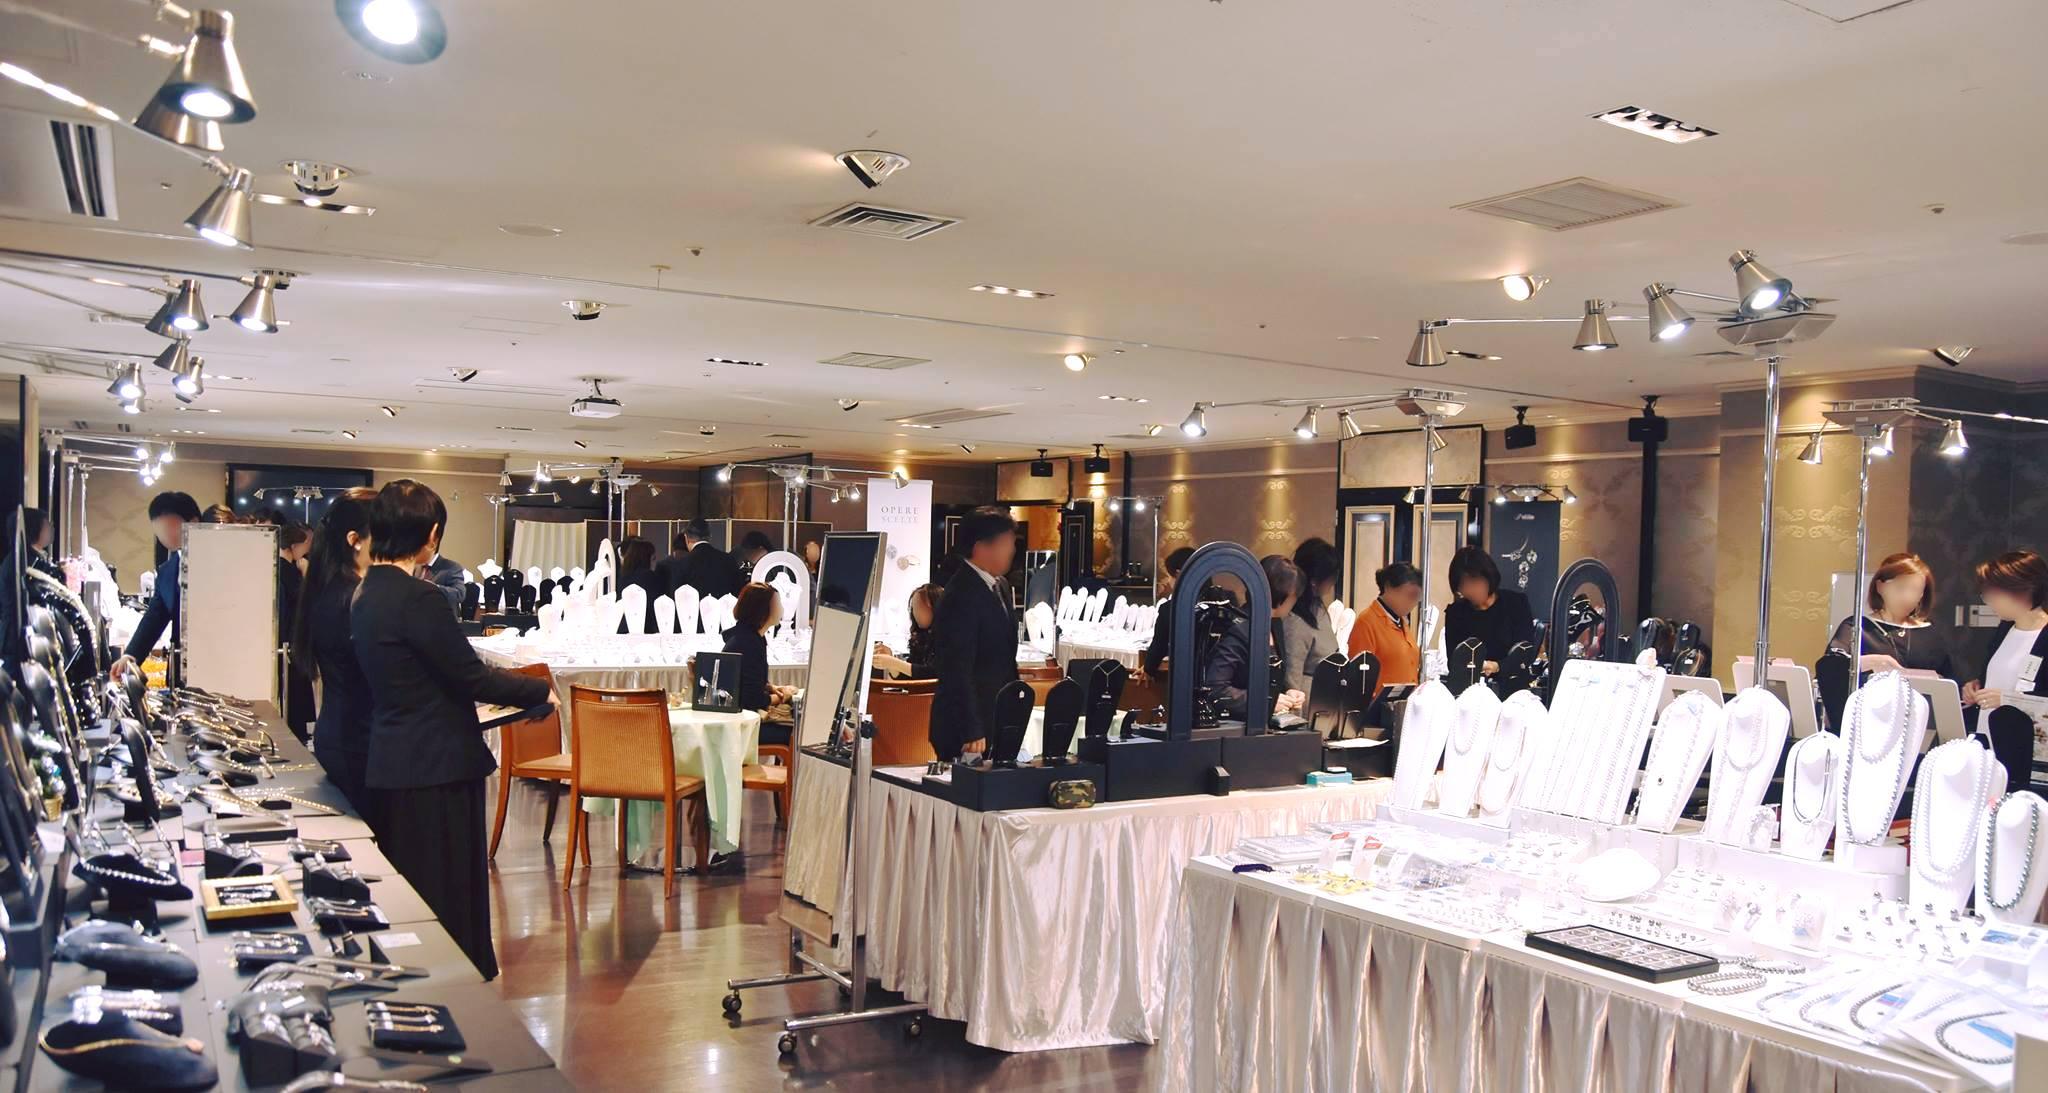 クルーズ・クルーズ YOKOHAMA Dining & Jewelry Collection にご来場ありがとうございました!